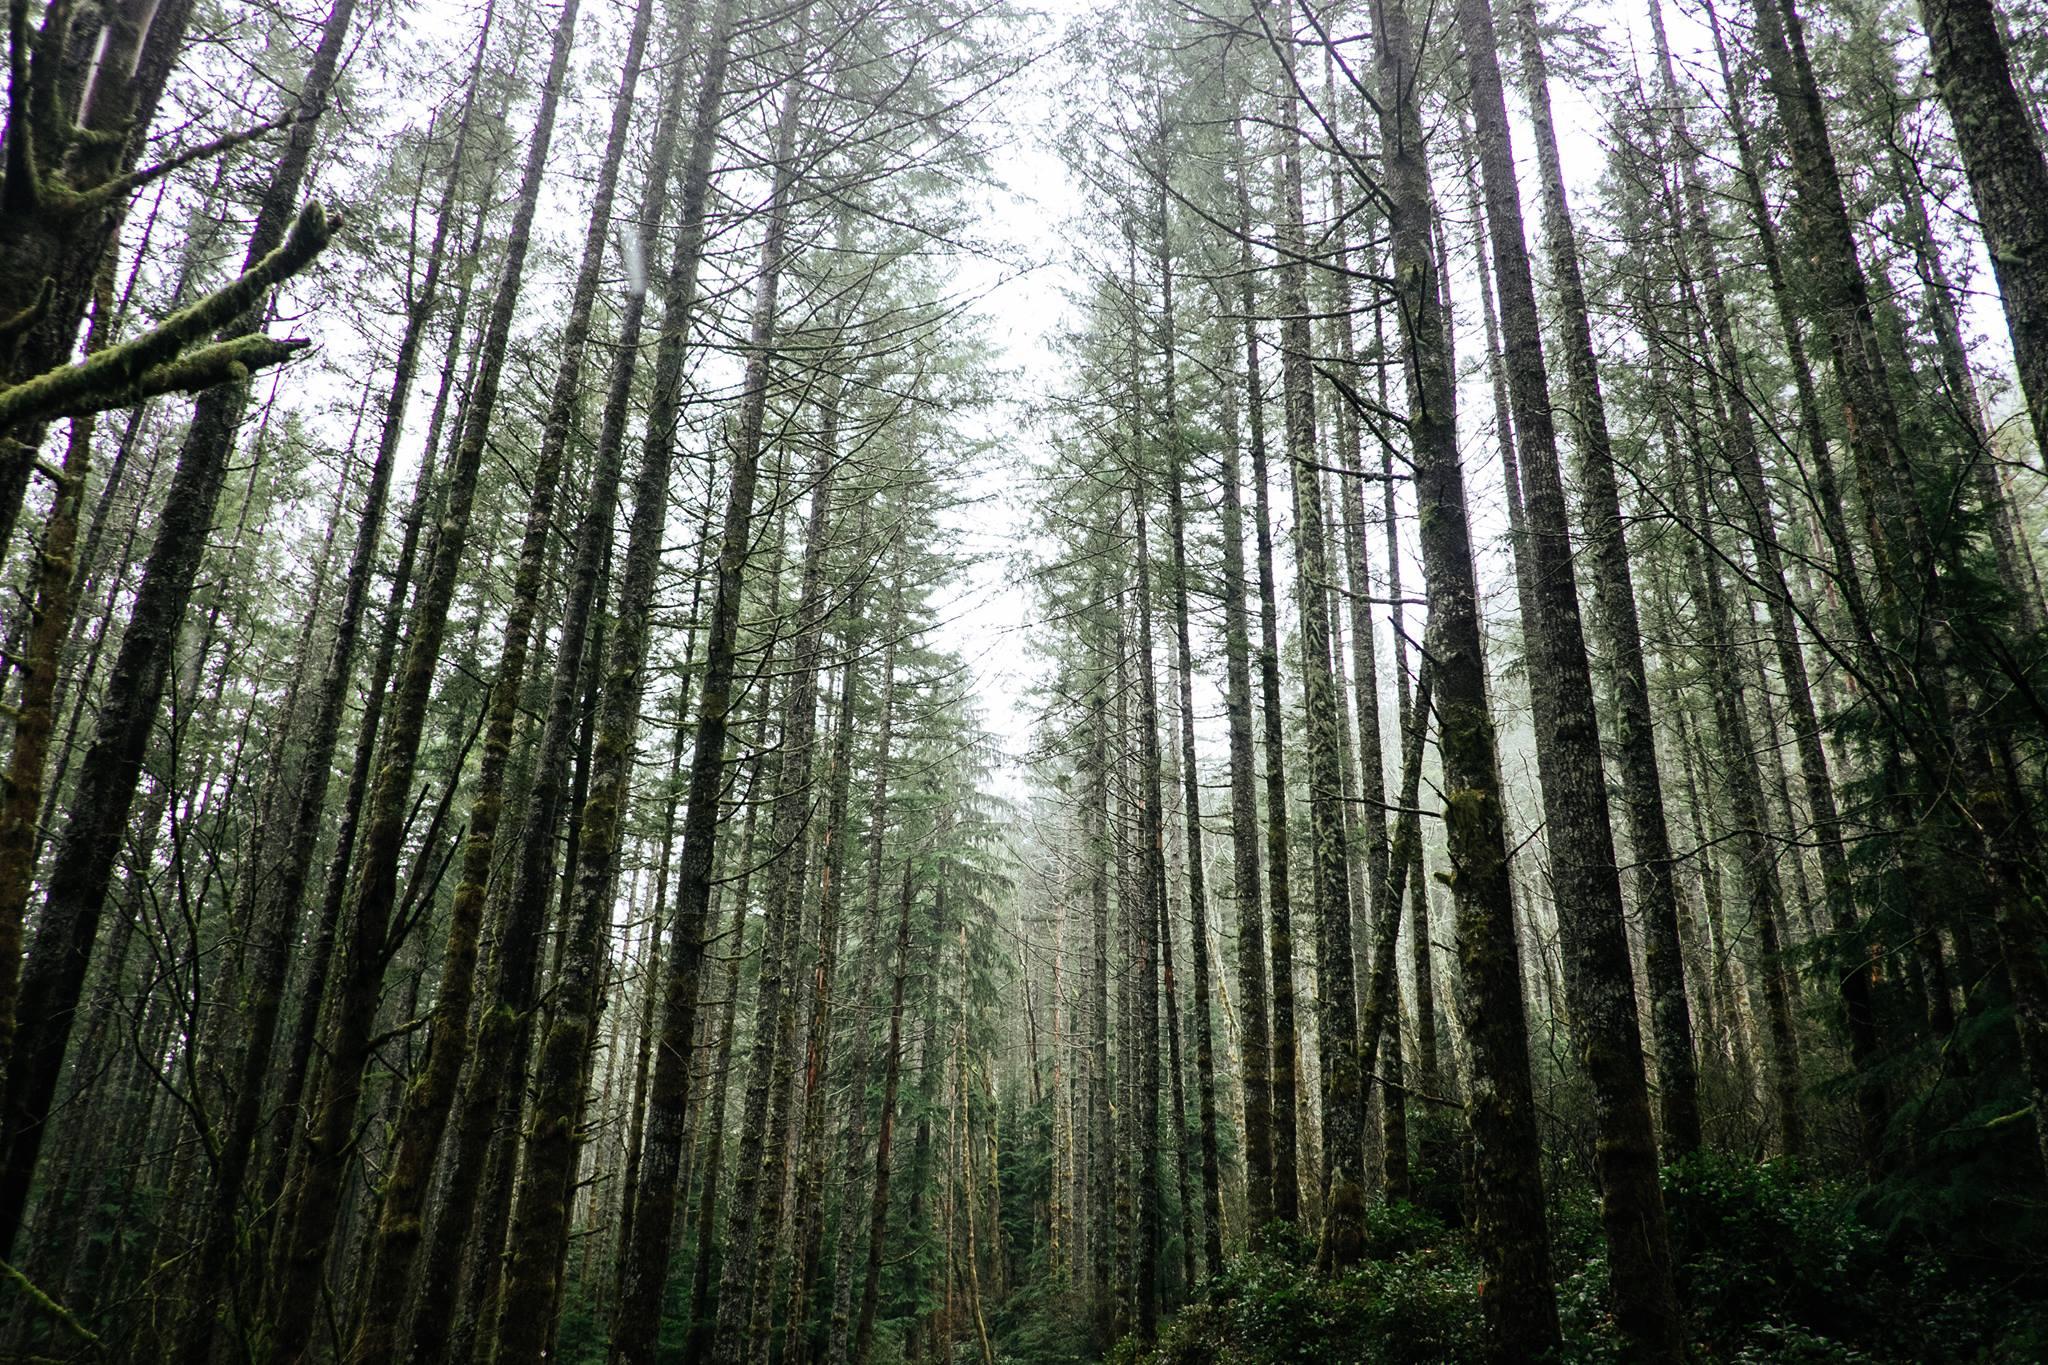 Case Study: Washington Environmental Council